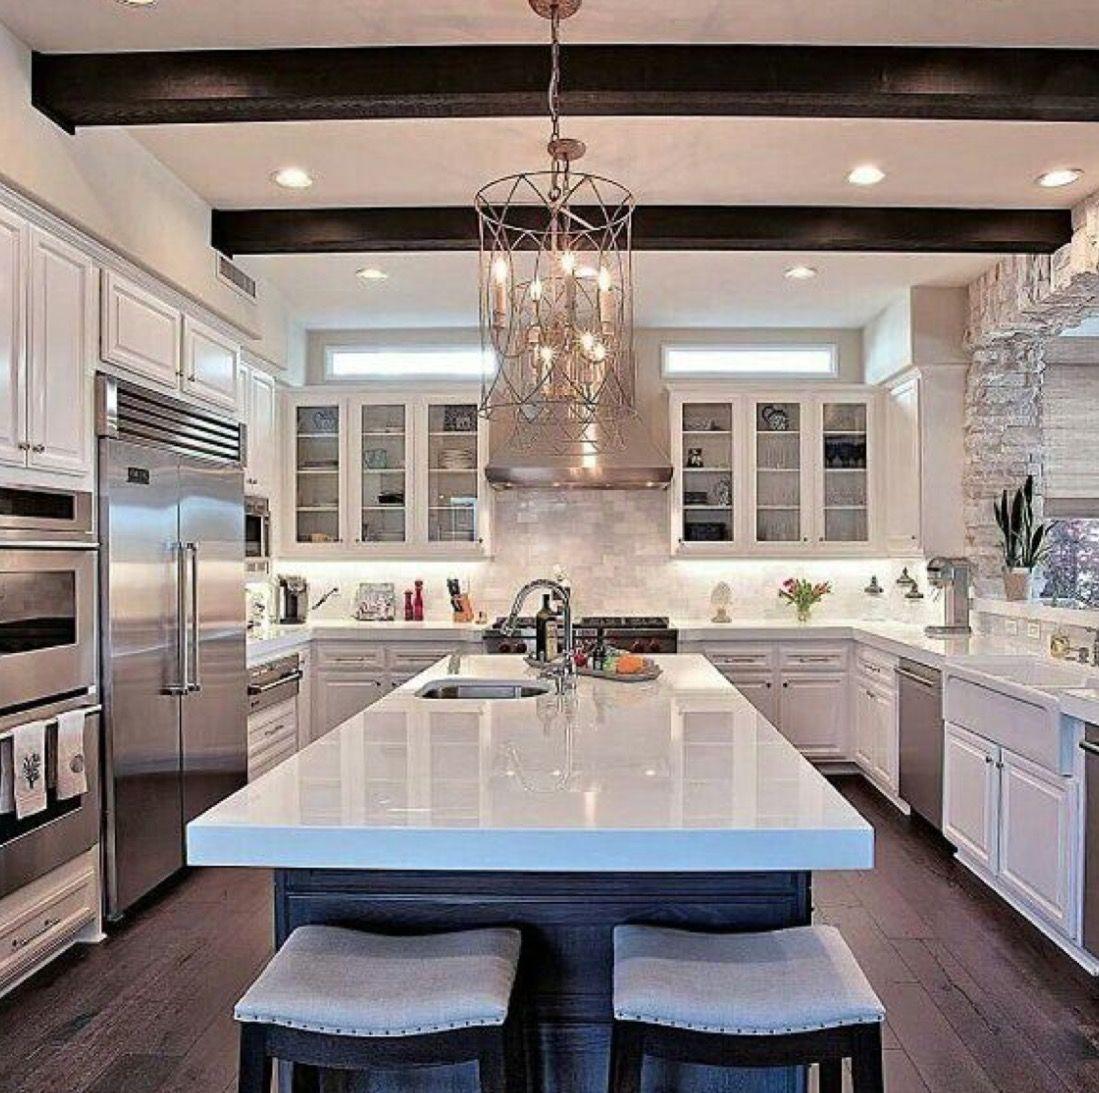 Large Spacious White Open Kitchen With White Granite